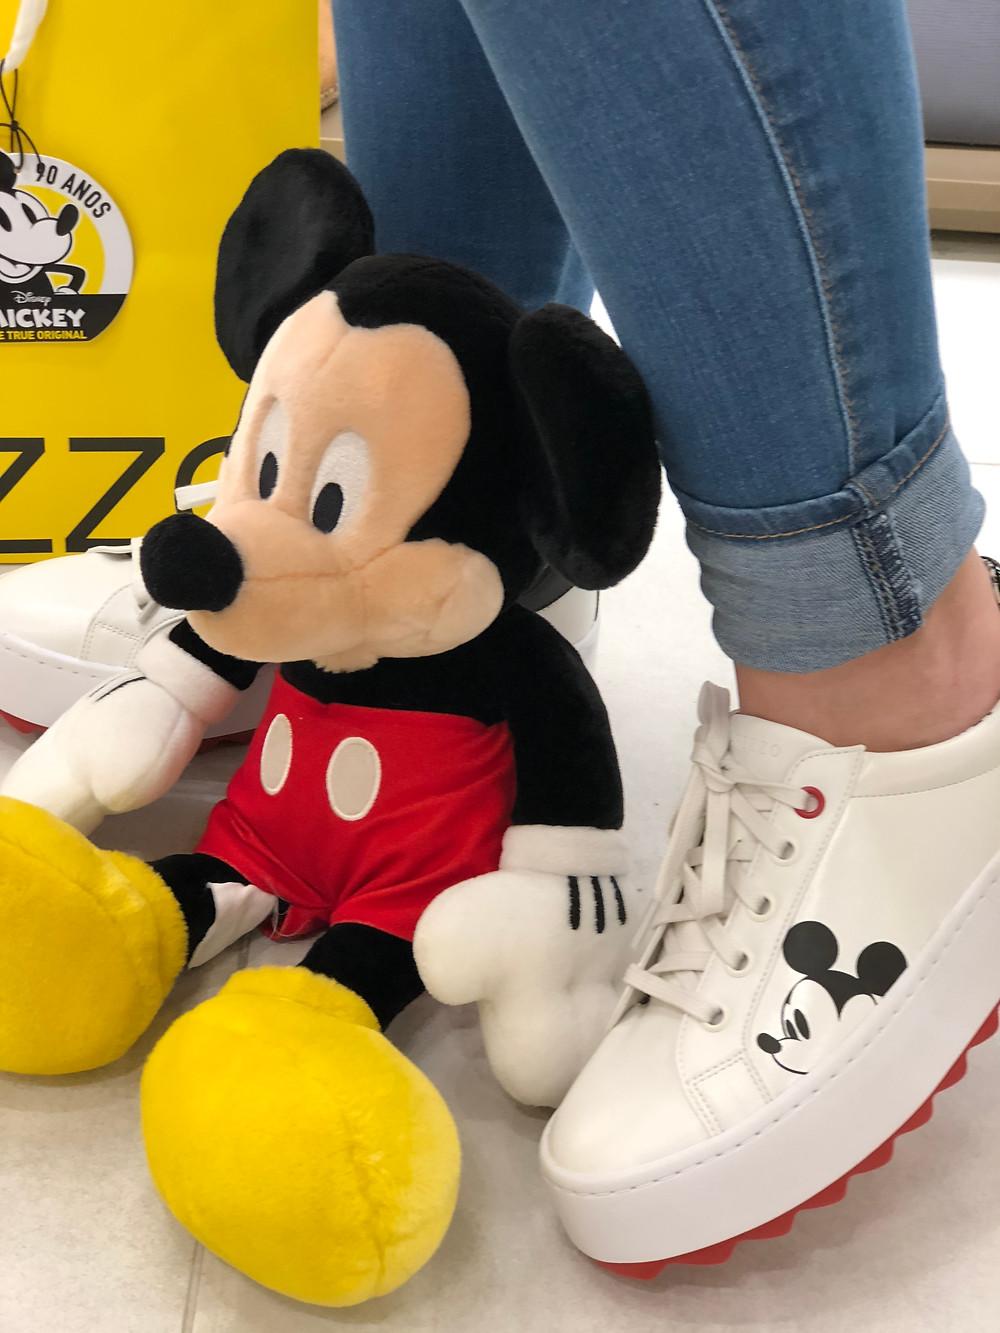 Arezzo x Disney Mickey 90